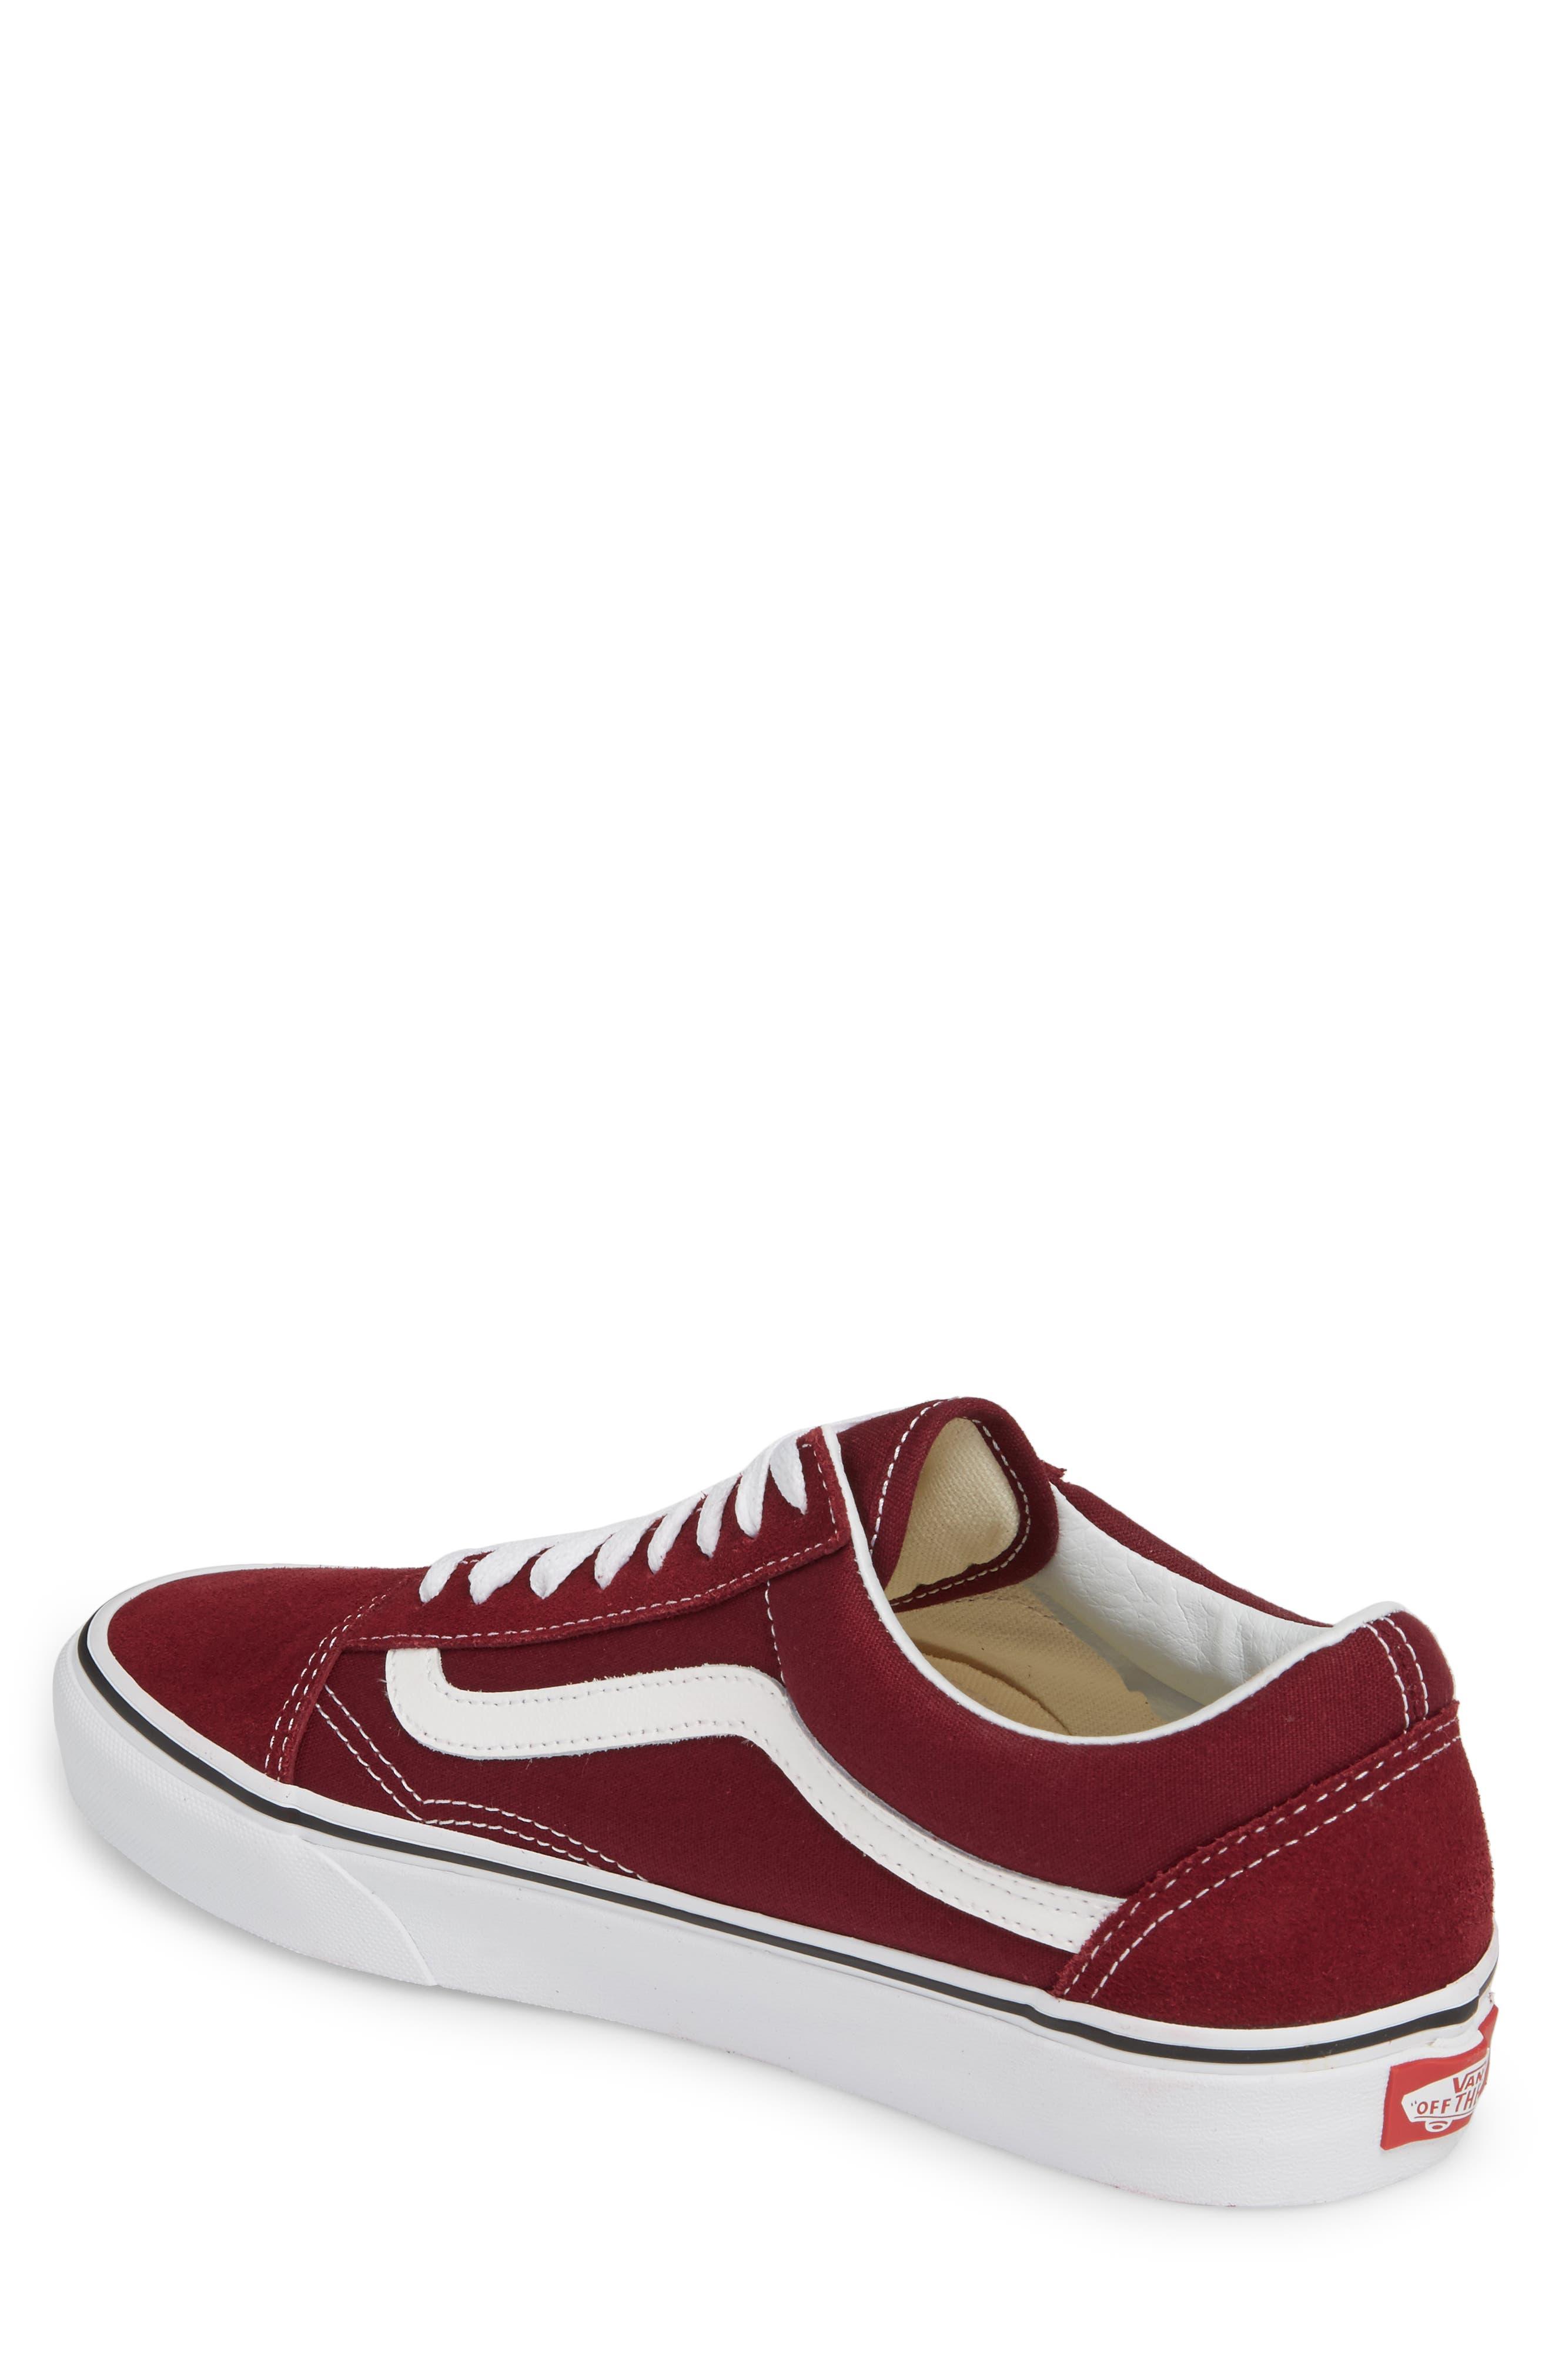 Alternate Image 2  - Vans 'Old Skool' Sneaker (Men)